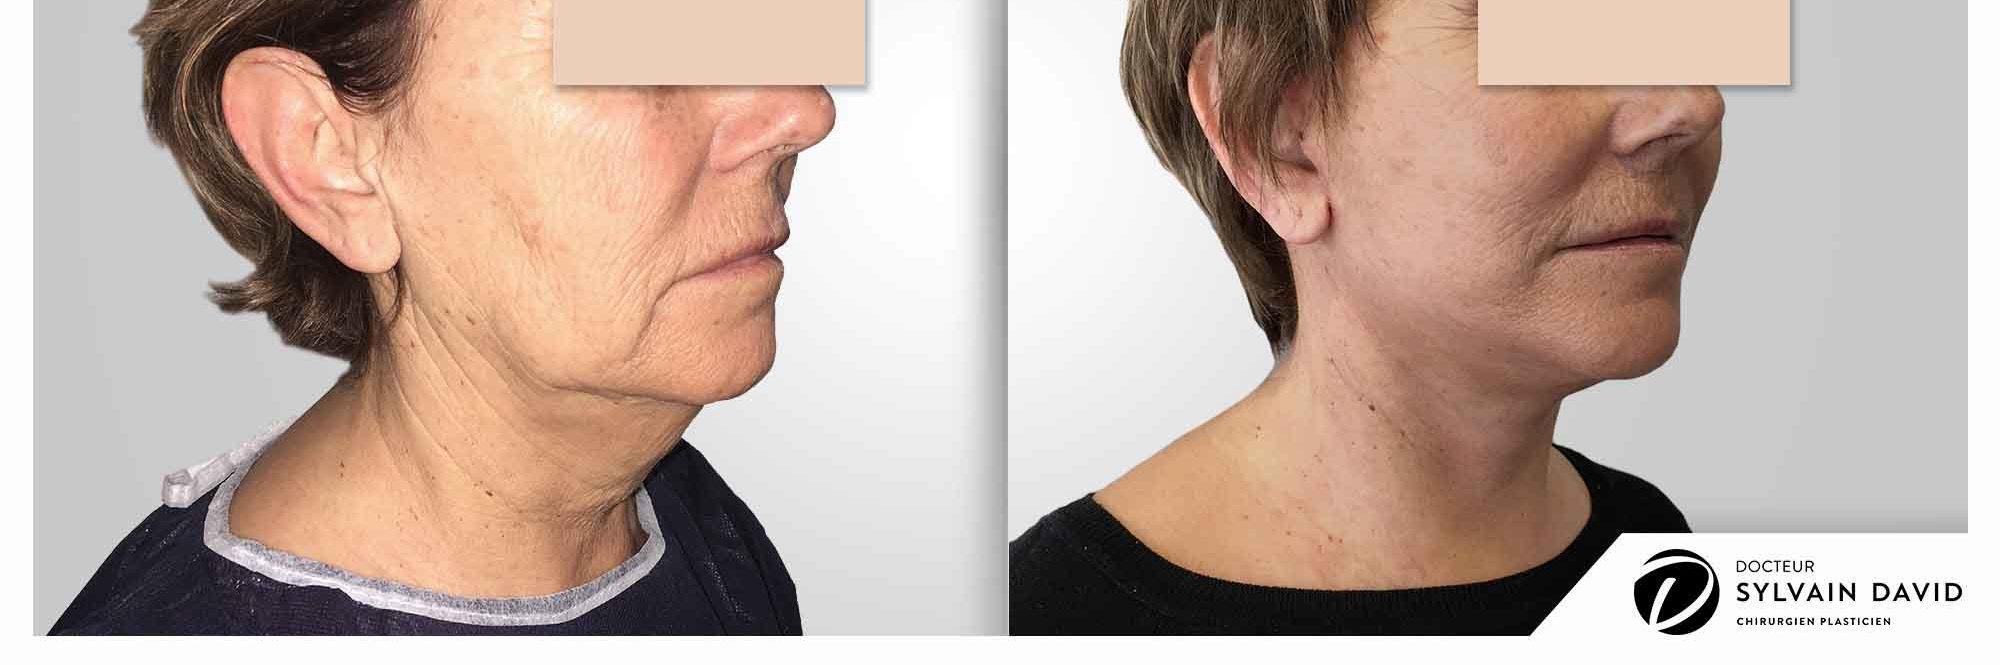 cervico facial lifting à Nice